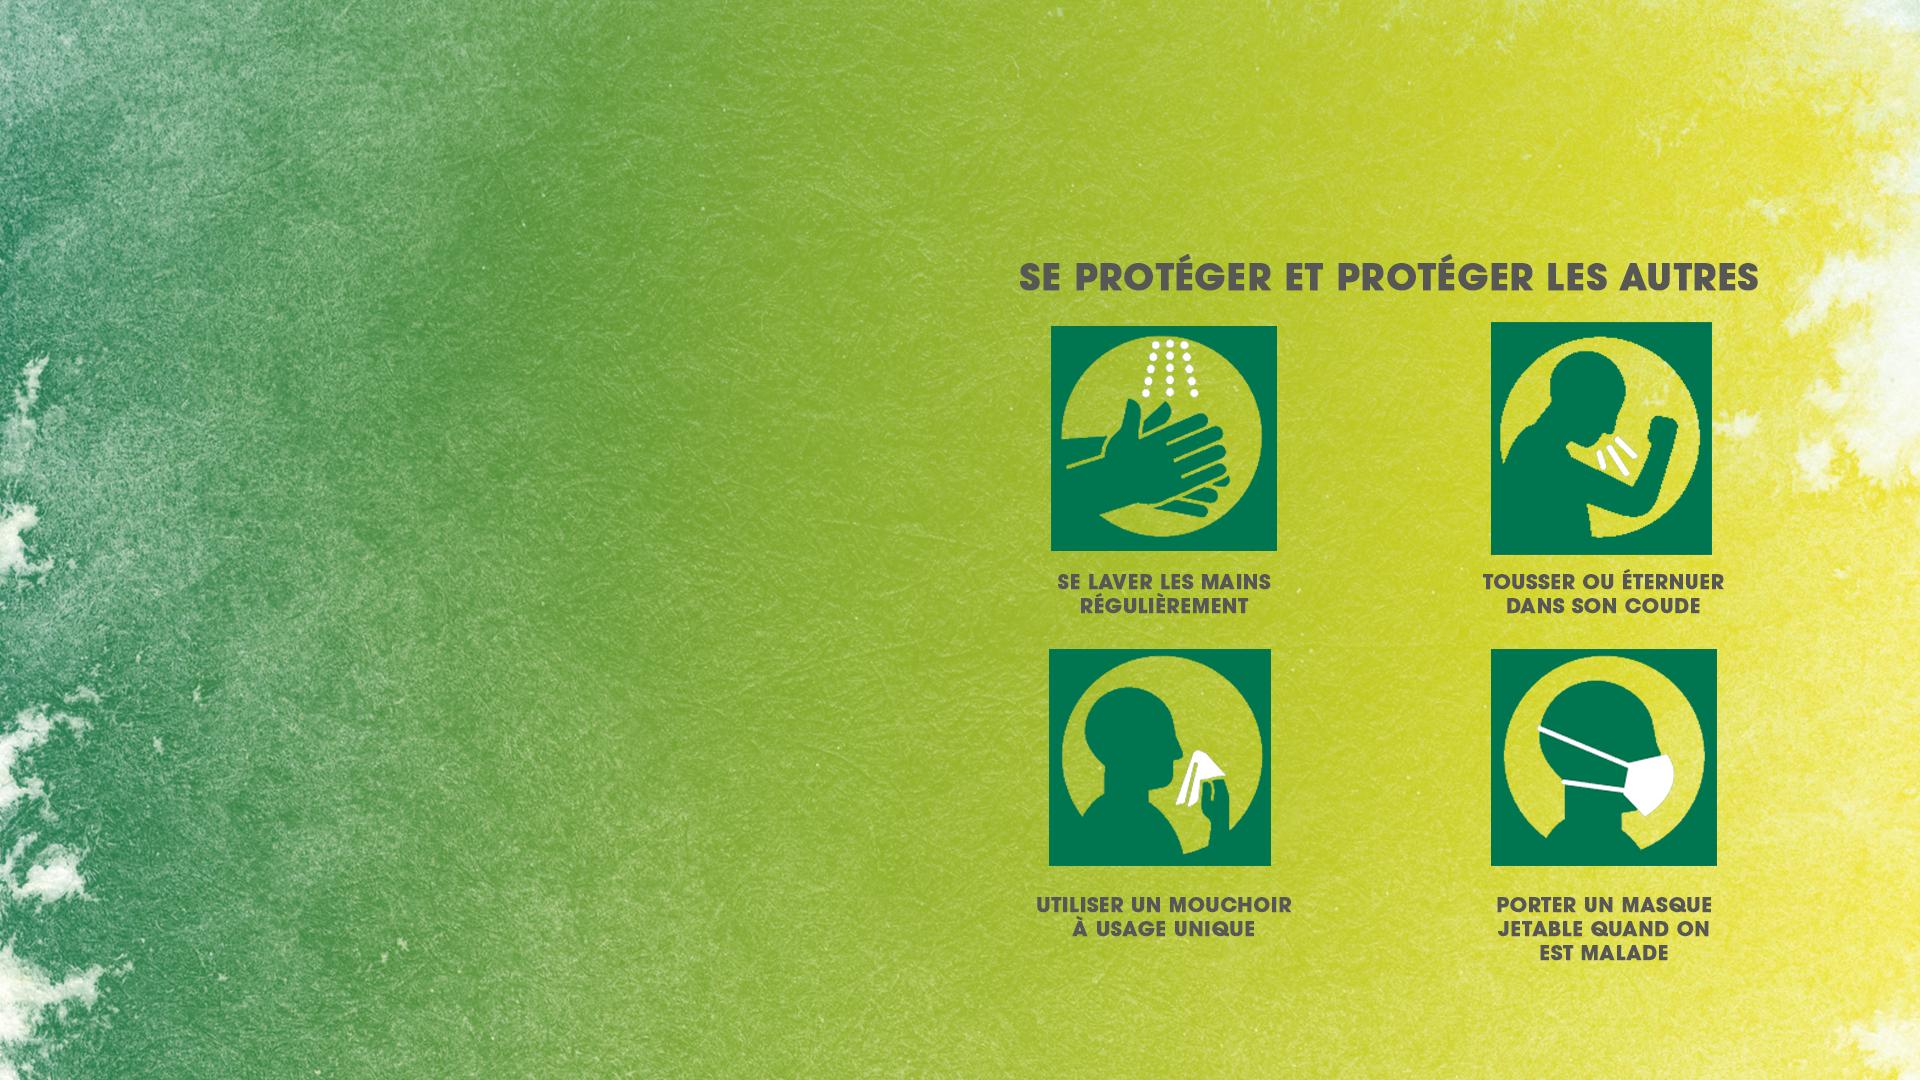 Groupe-bils-deroo.com - Slide Actualité